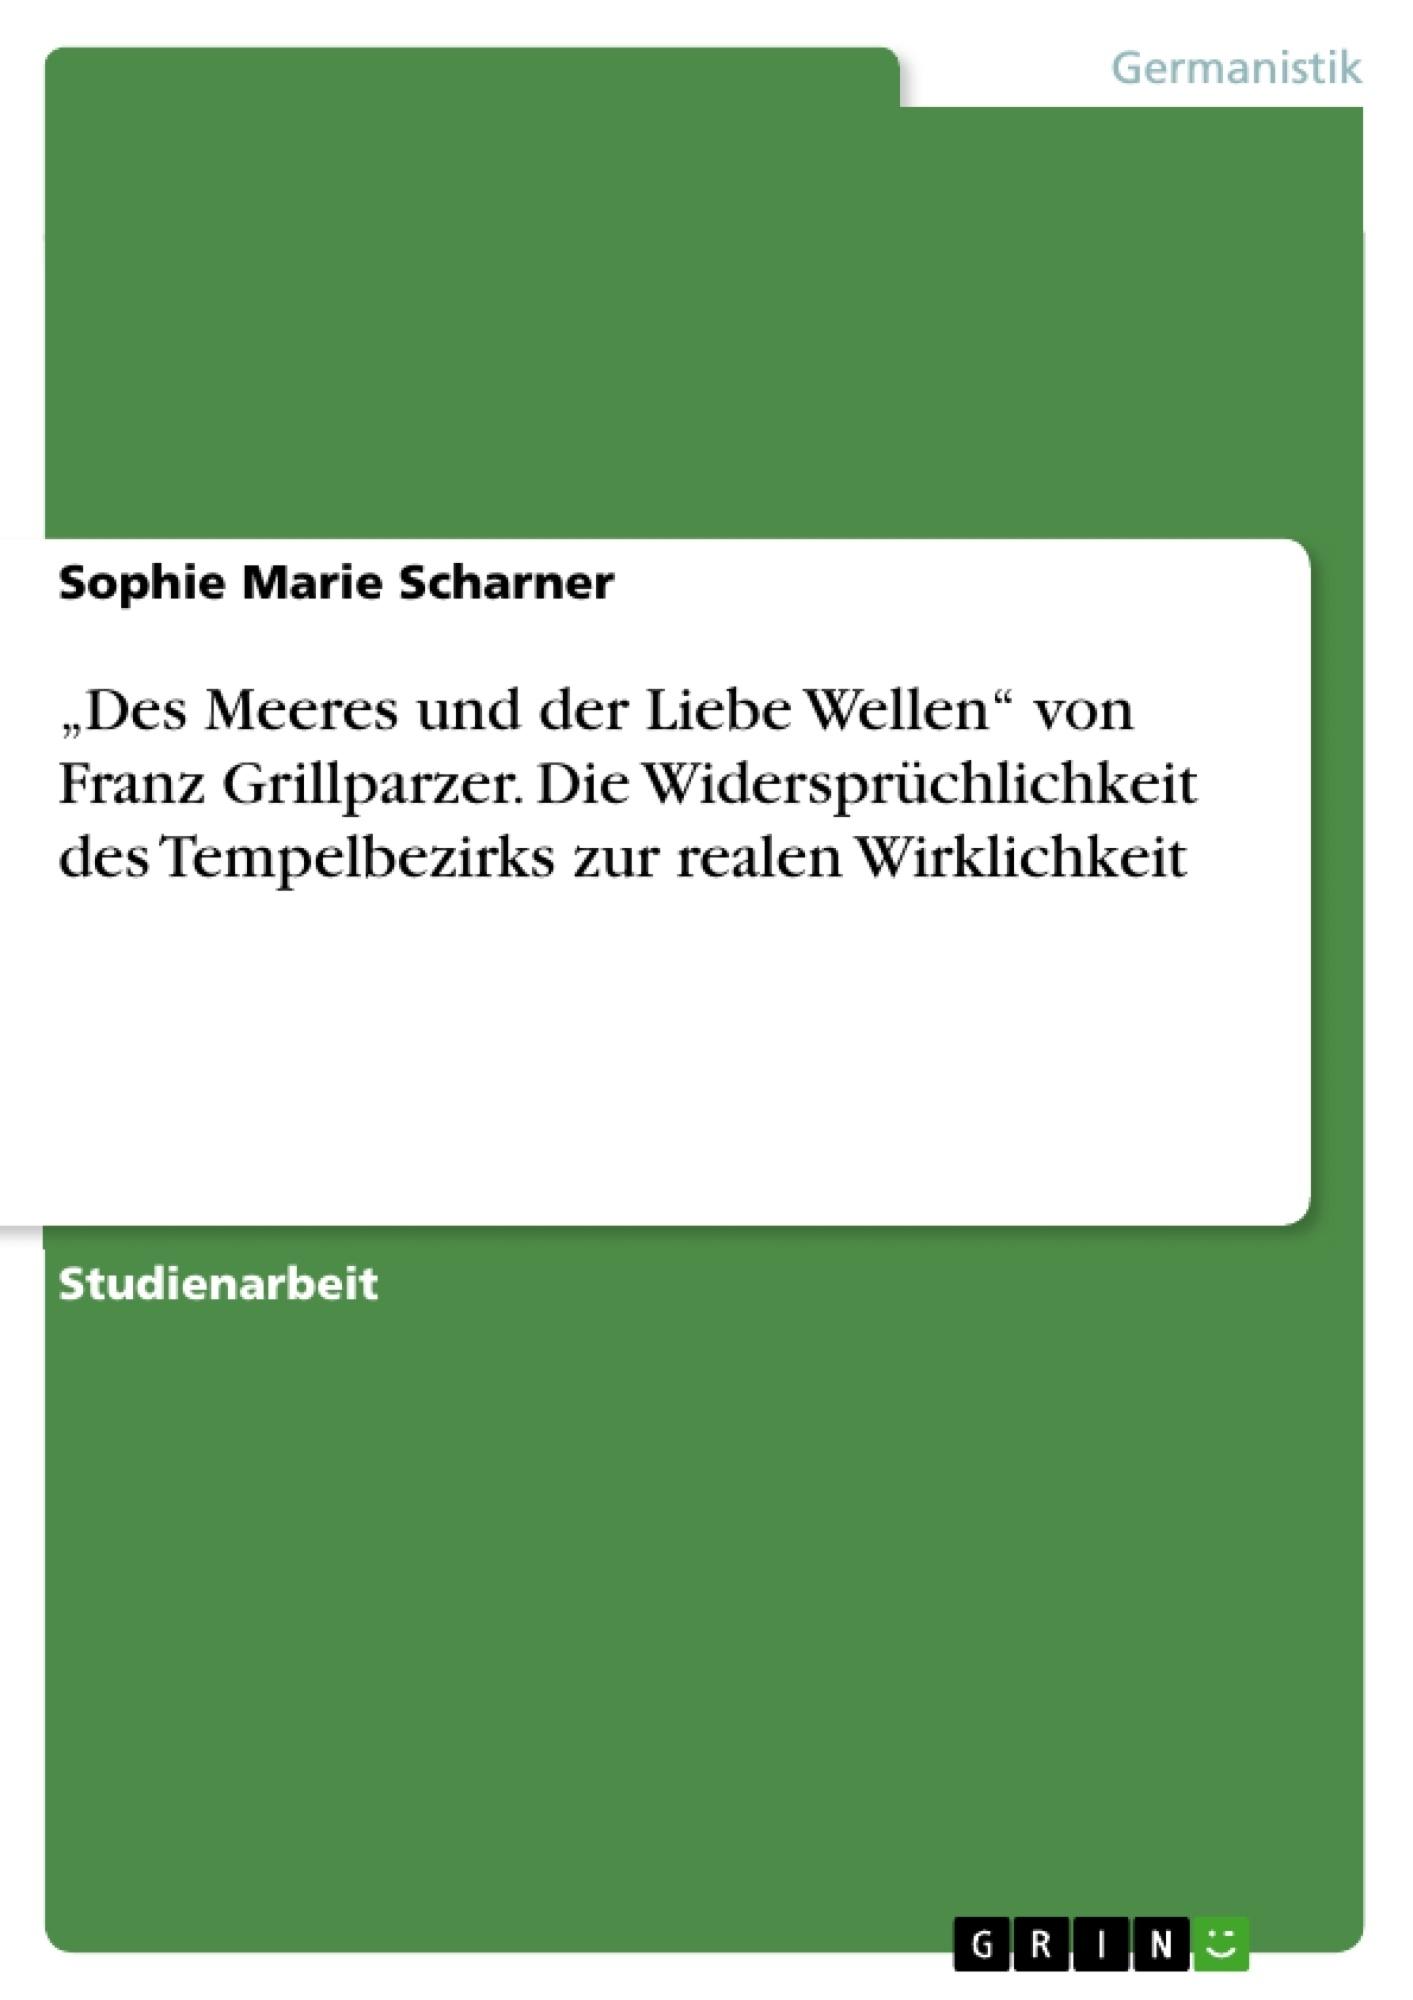 """Titel: """"Des Meeres und der Liebe Wellen"""" von Franz Grillparzer. Die Widersprüchlichkeit des Tempelbezirks zur realen Wirklichkeit"""